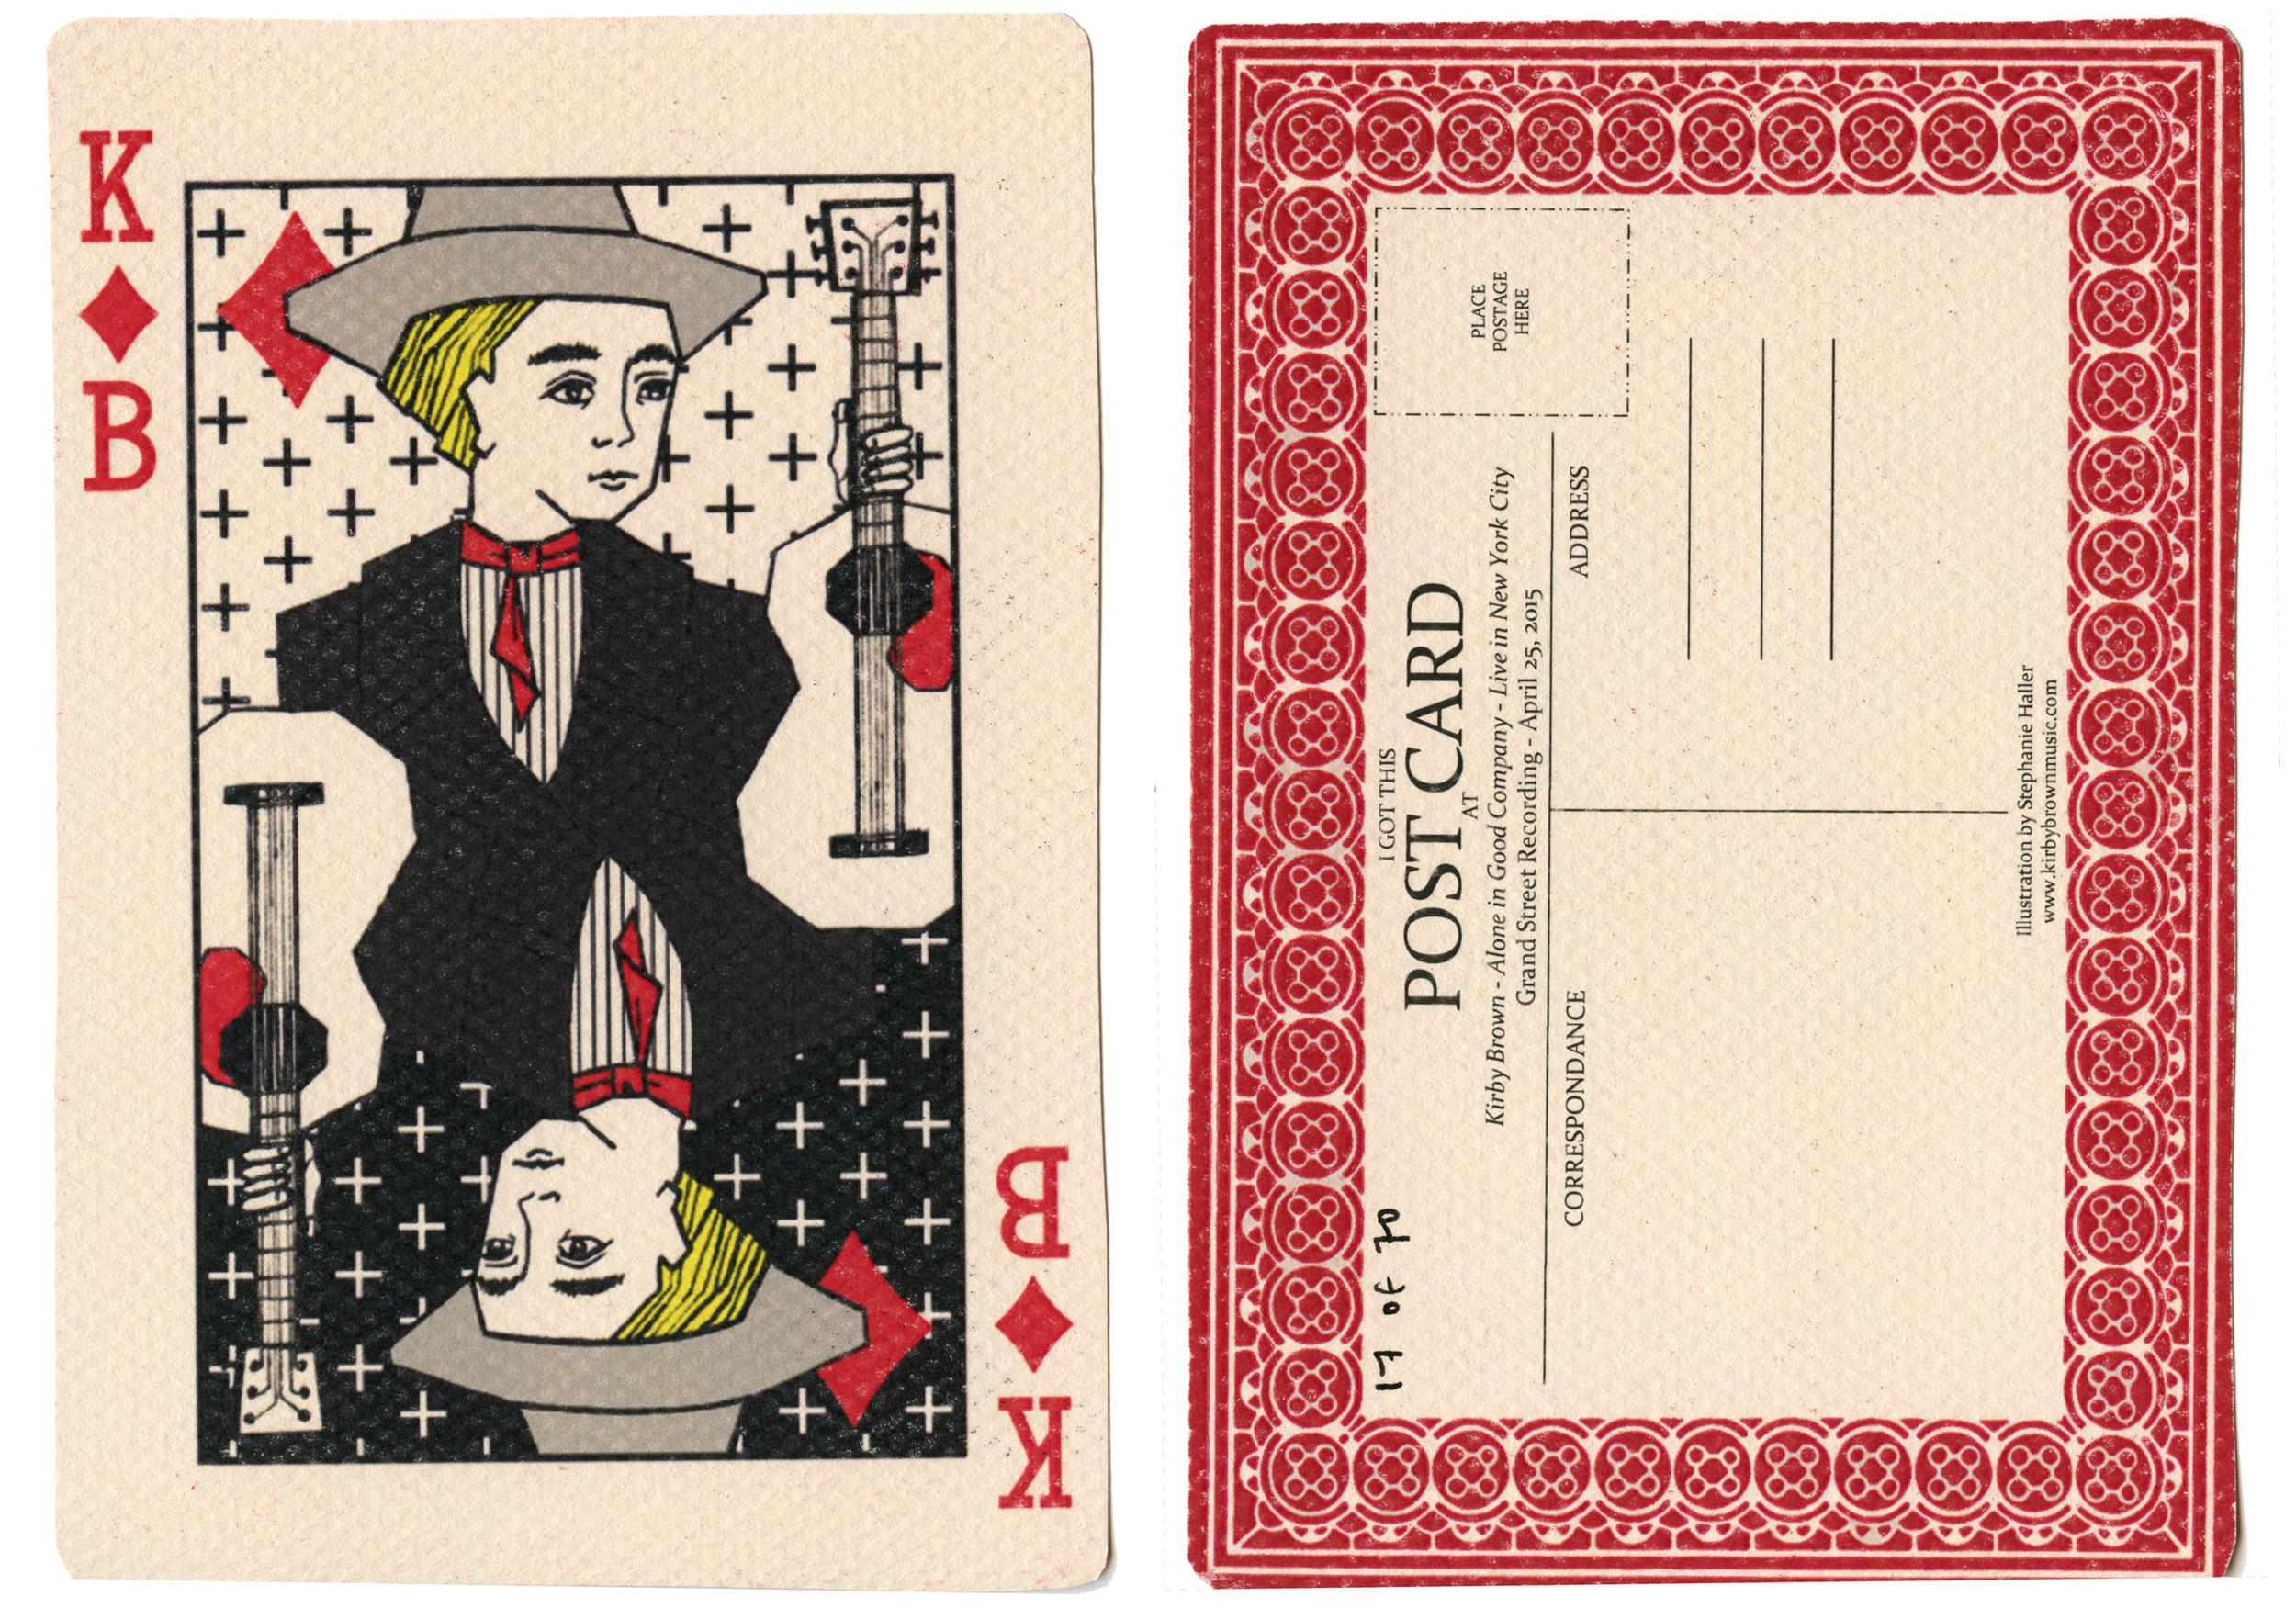 Kirby Postcard.jpg